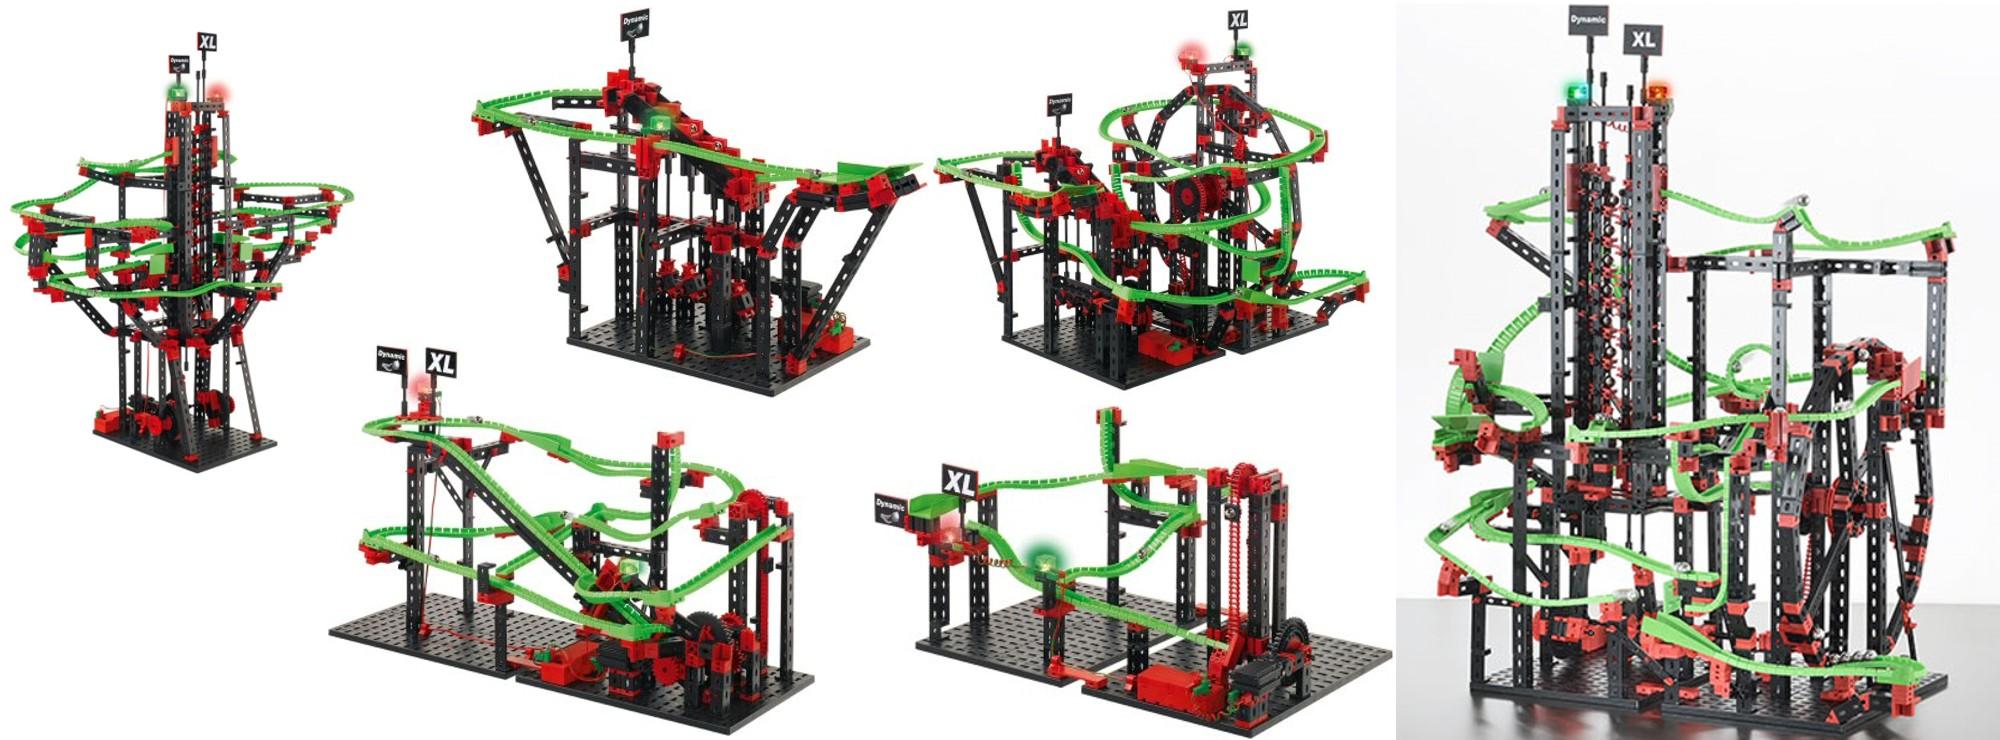 Dynamic XL günstig kaufen Baukästen & Konstruktionsspielzeug fischertechnik 524327